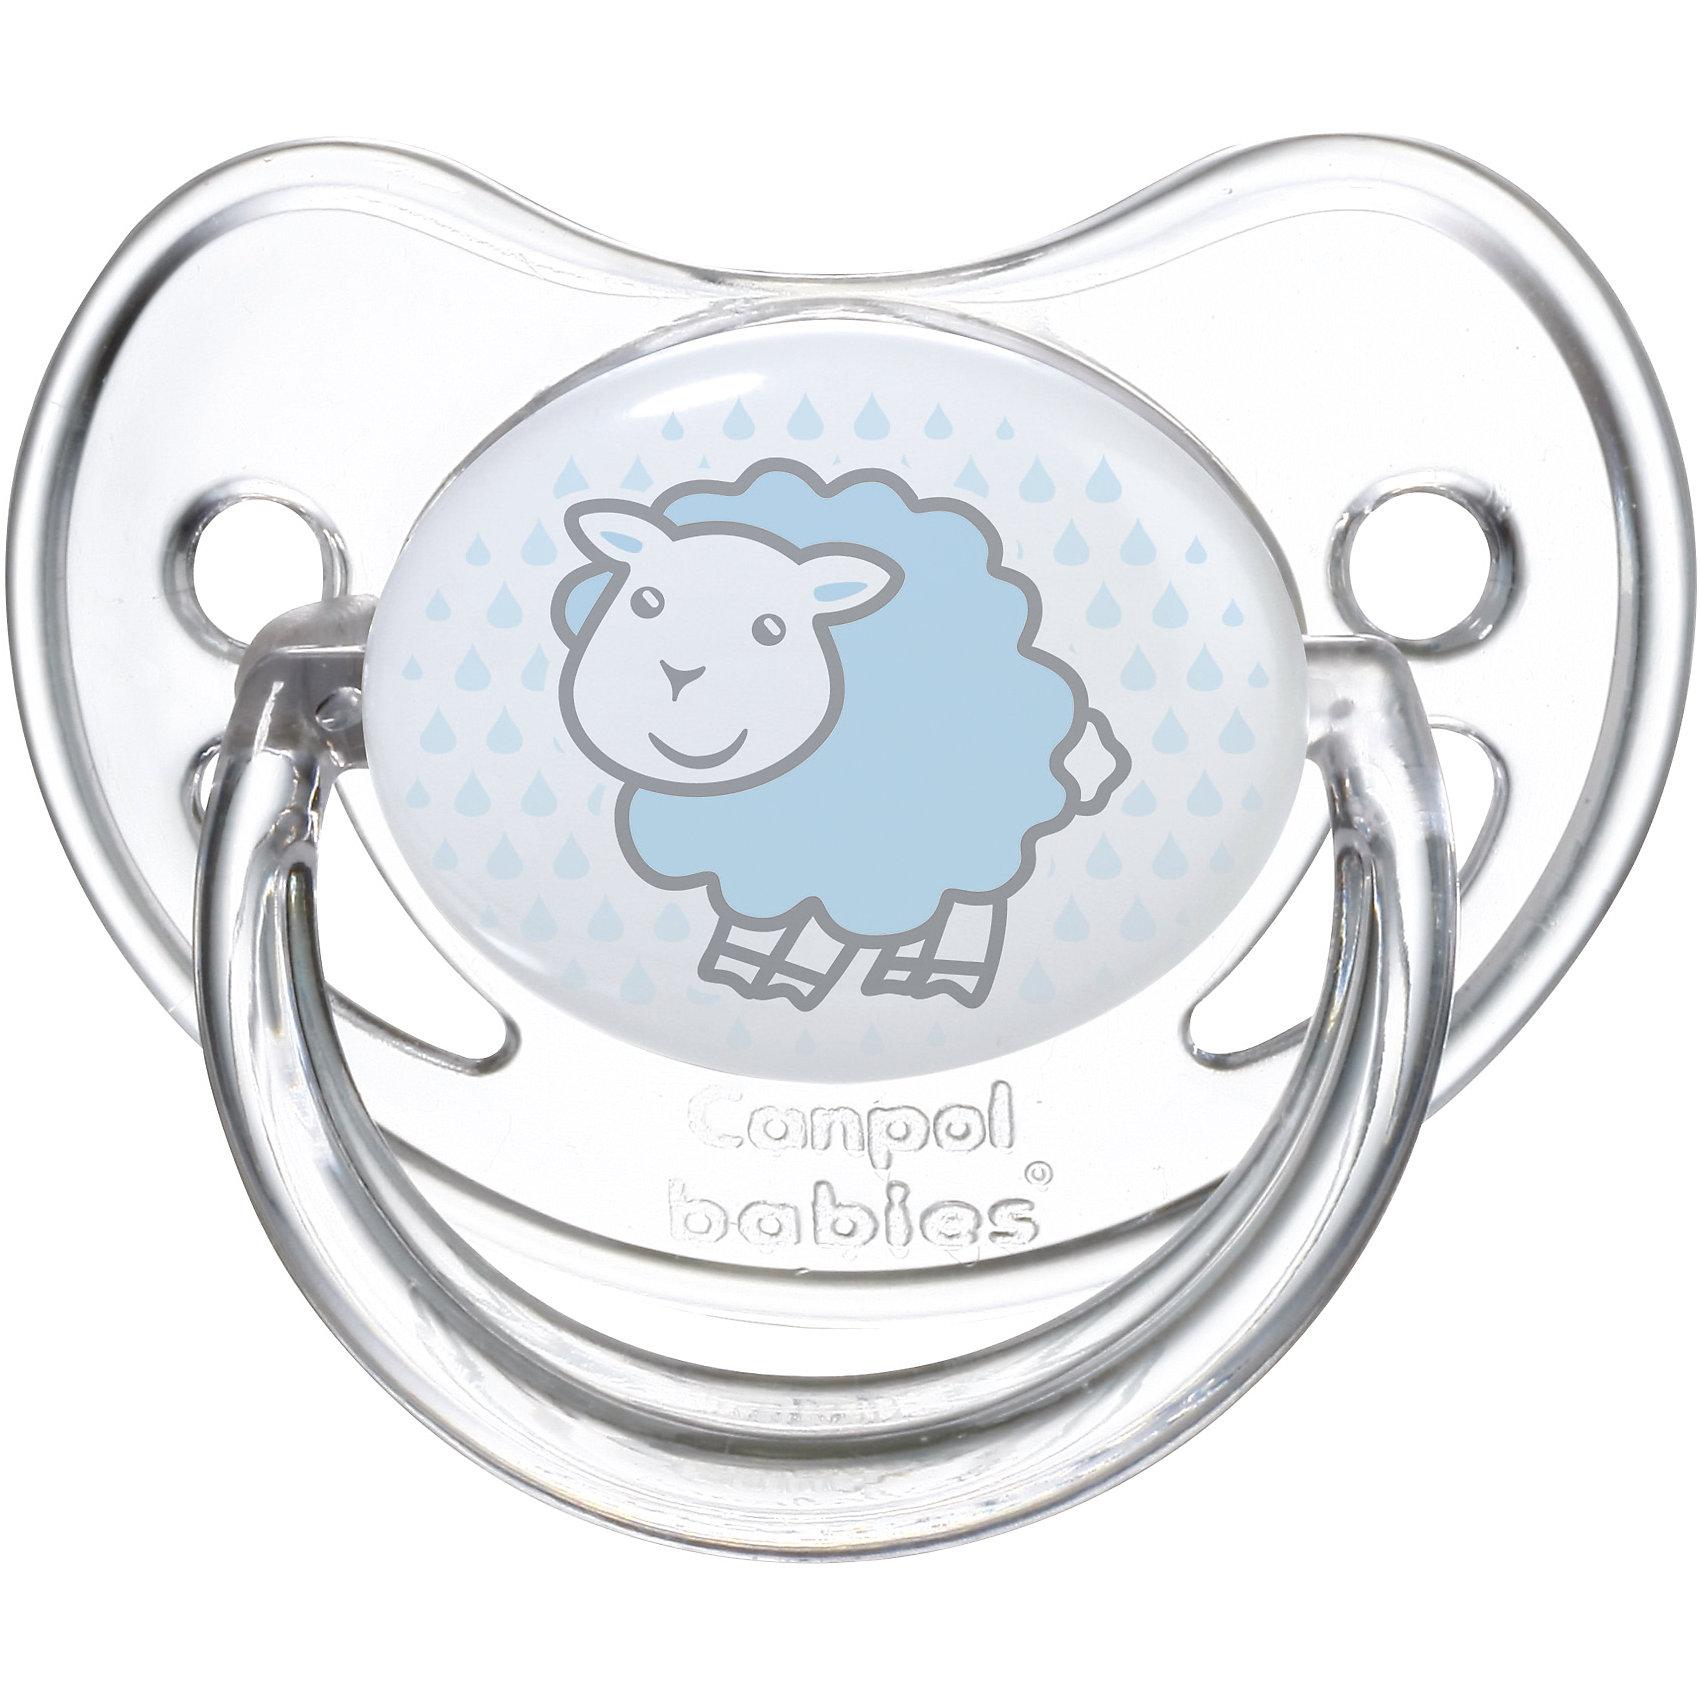 Пустышка круглая силиконовая 18+ Transparent, Canpol Babies, овечкаХарактеристики:<br><br>• Наименование: пустышка<br>• Пол: для мальчика<br>• Материал: силикон, пластик<br>• Цвет: белый, голубой<br>• Форма: круглая<br>• Наличие отверстий для вентиляции<br>• Наличие кольца для держателя<br>• Особенности ухода: регулярная стерилизация и своевременная замена<br><br>Пустышка круглая силиконовая 18+ Transparent, Canpol Babies, овечка имеет специальную форму, которая обеспечивает правильное давление на небо. Изготовлена из запатентованного вида силикона, который не имеет запаха. При правильном уходе обеспечивает длительное использование. У соски имеется ограничитель из прозрачного пластика классической круглой формы и кольцо для держателя. Пустышка круглая силиконовая 18+ Transparent, Canpol Babies, овечка выполнена в стильном дизайне с изображением милой овечки.<br><br>Пустышку круглую силиконовую 18+ Transparent, Canpol Babies, овечку можно купить в нашем интернет-магазине.<br><br>Ширина мм: 95<br>Глубина мм: 45<br>Высота мм: 155<br>Вес г: 110<br>Возраст от месяцев: 18<br>Возраст до месяцев: 36<br>Пол: Мужской<br>Возраст: Детский<br>SKU: 5156636